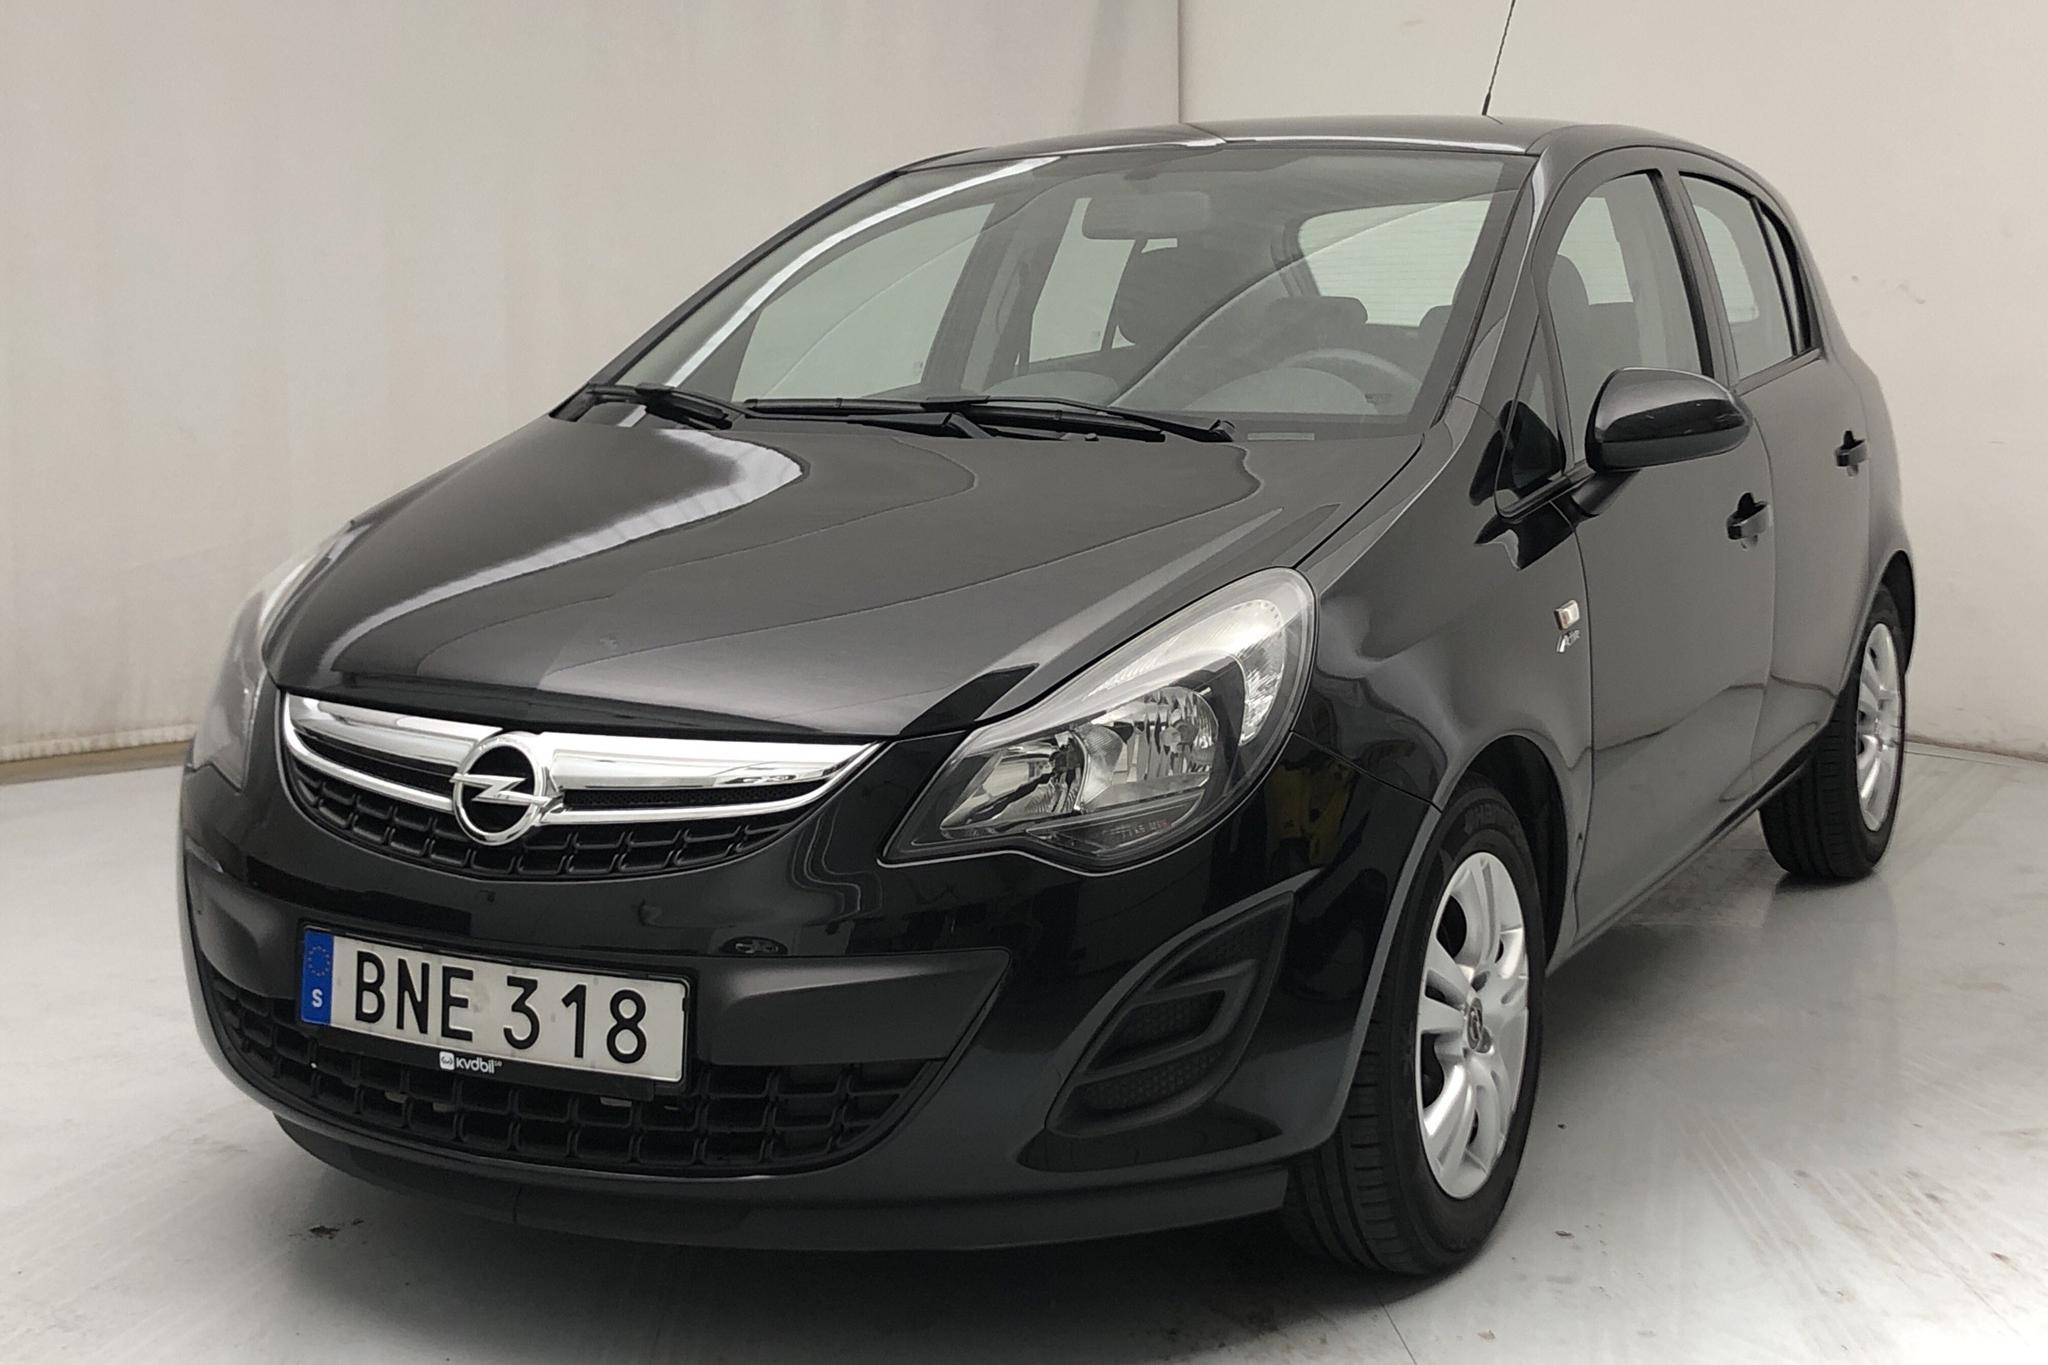 Opel Corsa 1.2 Twinport 5dr (85hk) - 3 096 mil - Manuell - svart - 2014